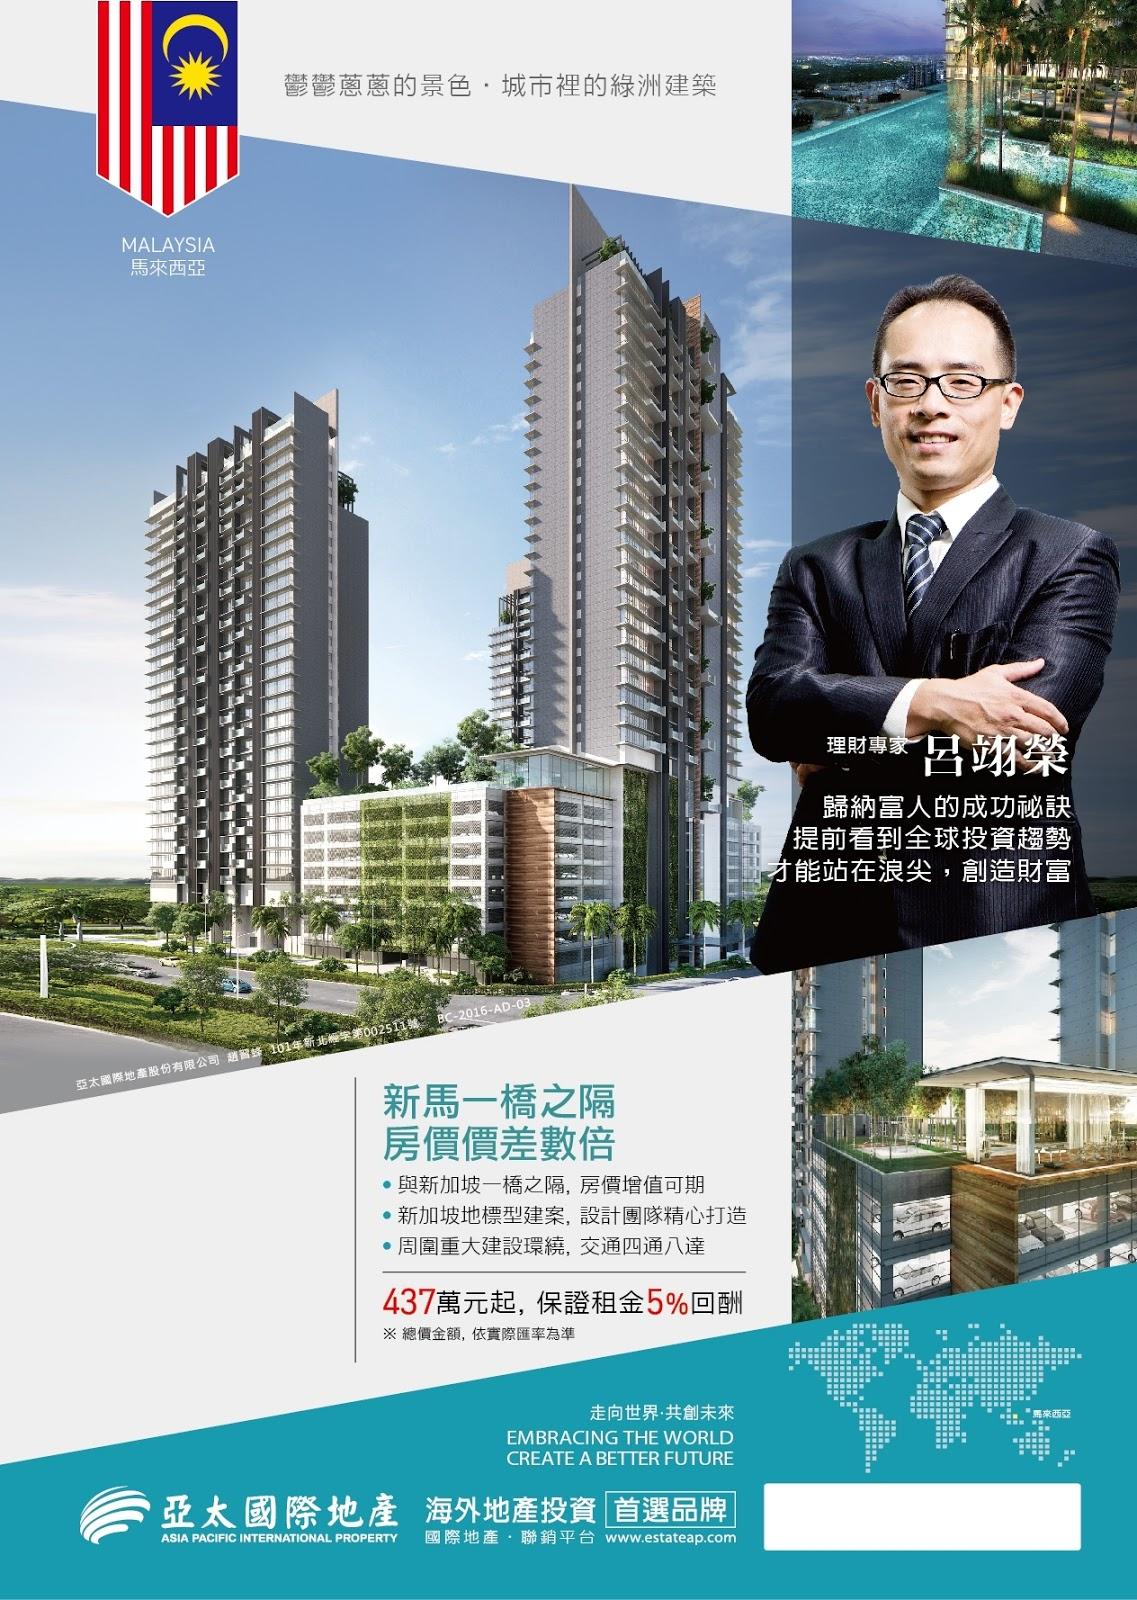 海外房地產投資專家: 呂翊榮【馬來西亞】投資說明會-0515